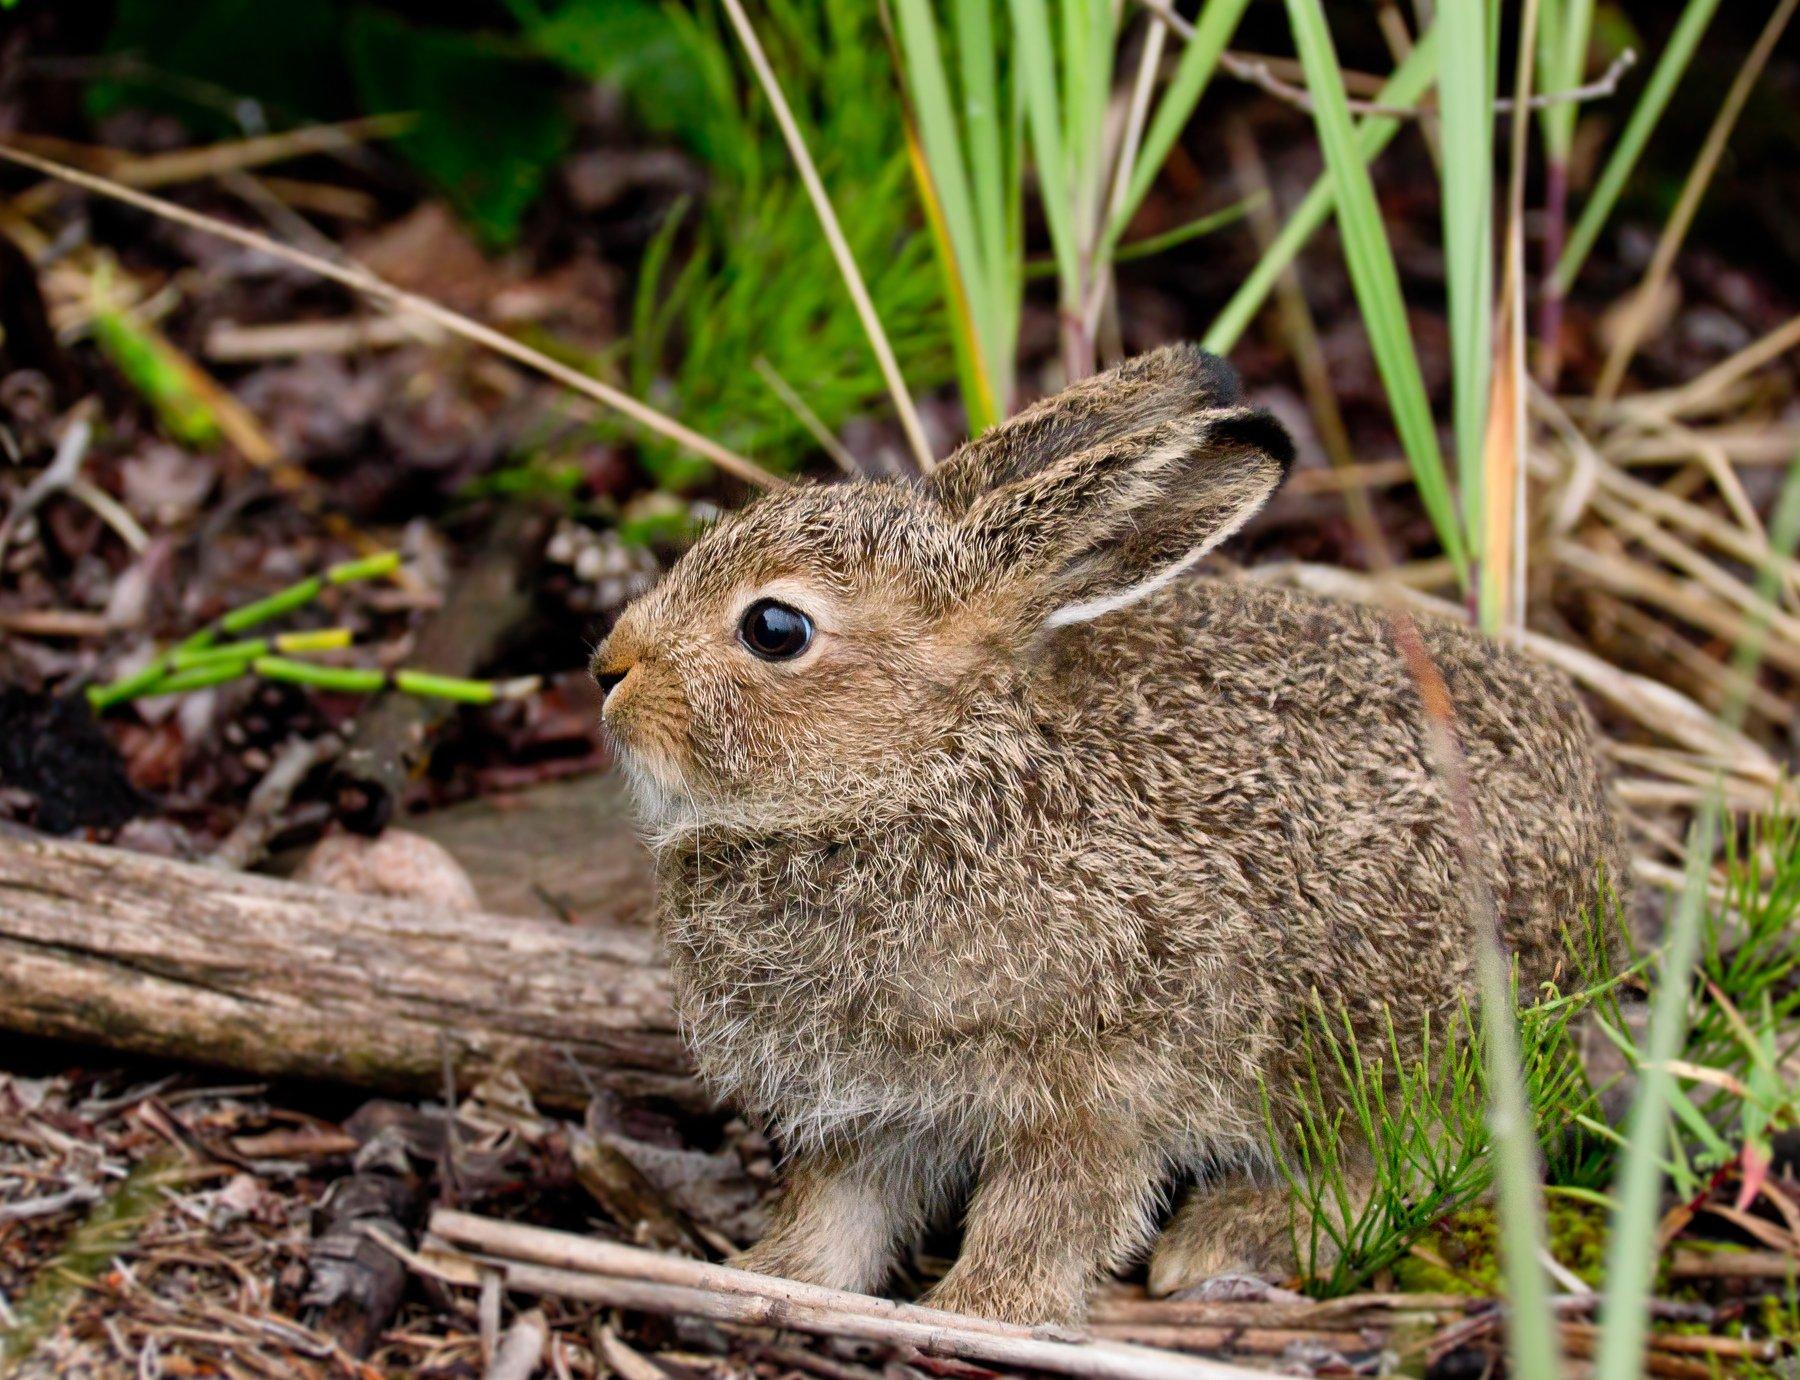 lepus timidus, заяц, беляк, зайчонок, уши, серый, лето, север, карелия, клим-нос, животное, млекопитающее, грызун, кроха, испуг, дикая природа, Соварцева Ксюша